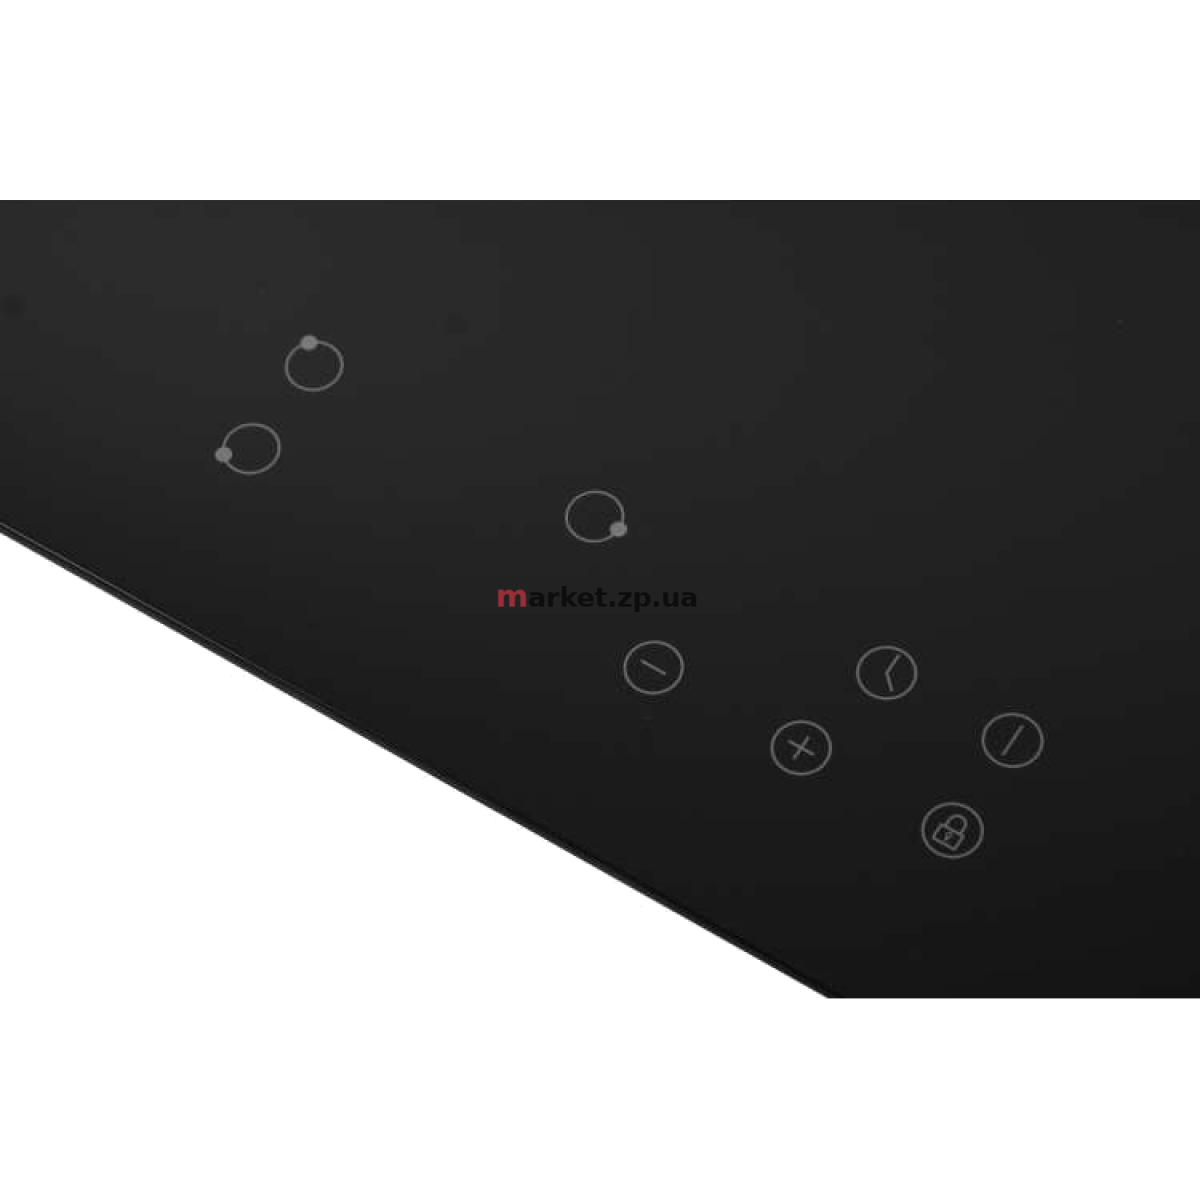 Cтеклокерамическая поверхность  VENTOLUX VB 43 TC